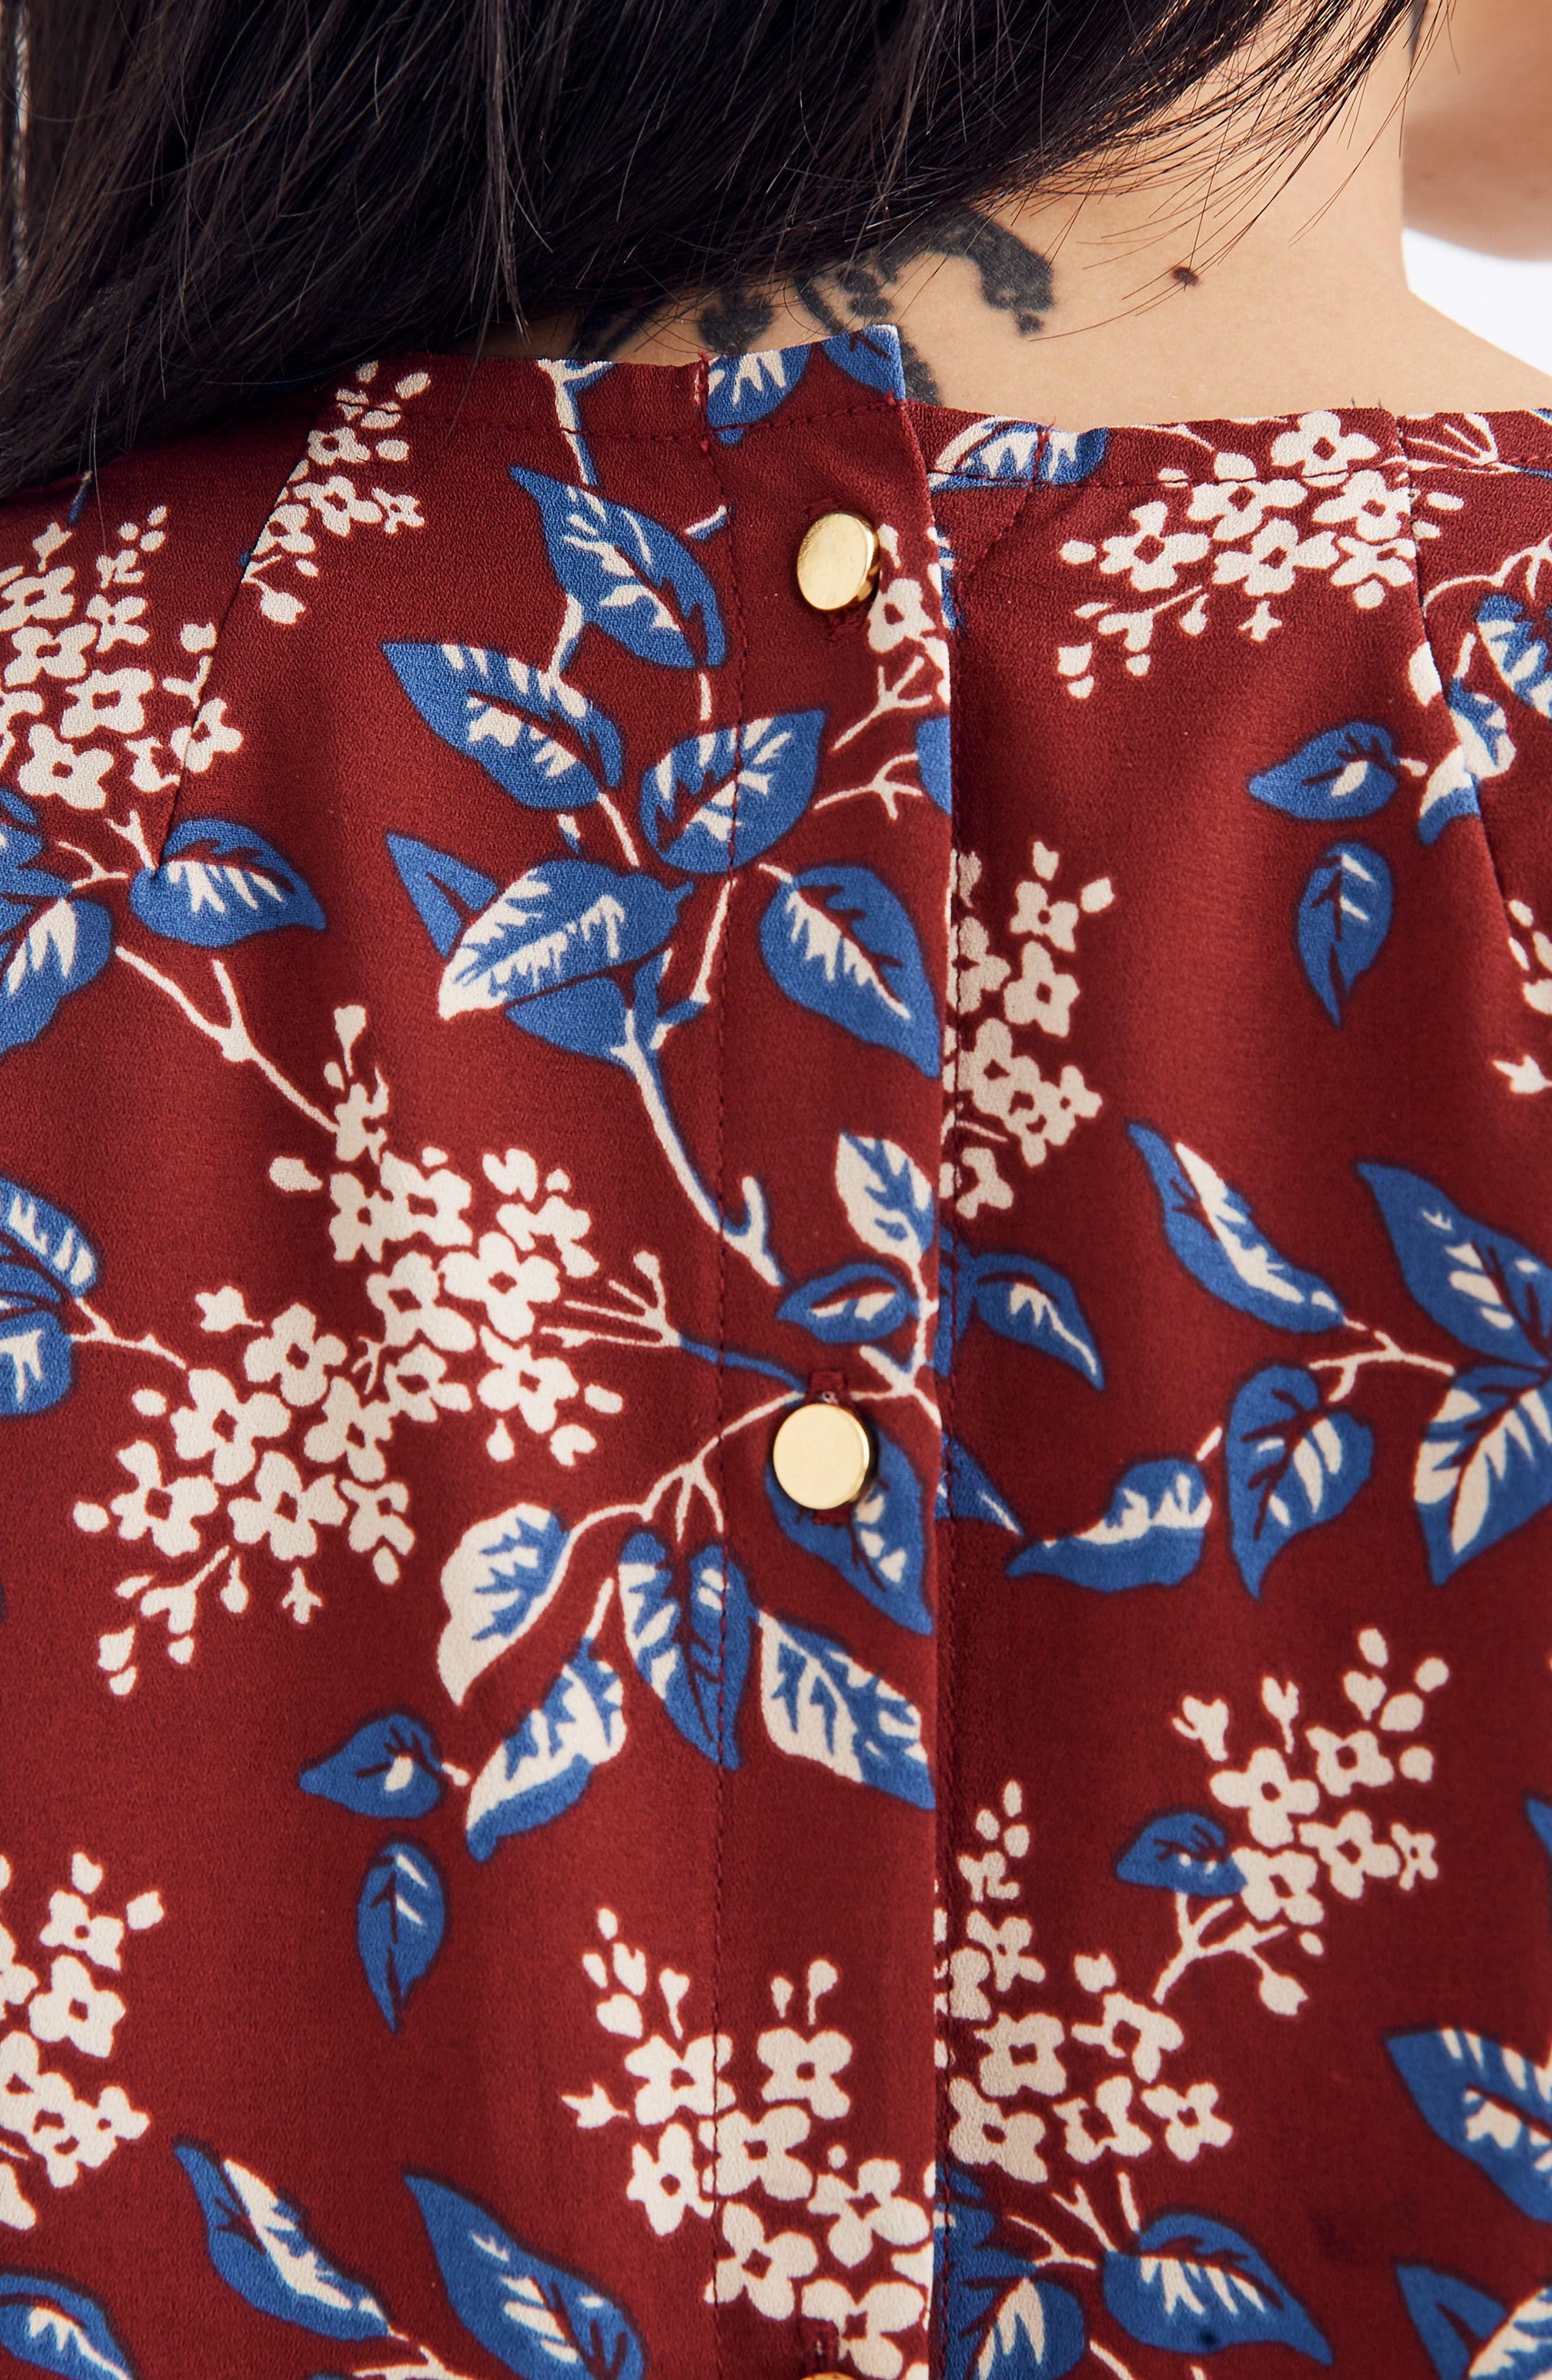 Antique Flora Button Back Dress,                             Alternate thumbnail 4, color,                             DUSTY BURGUNDY